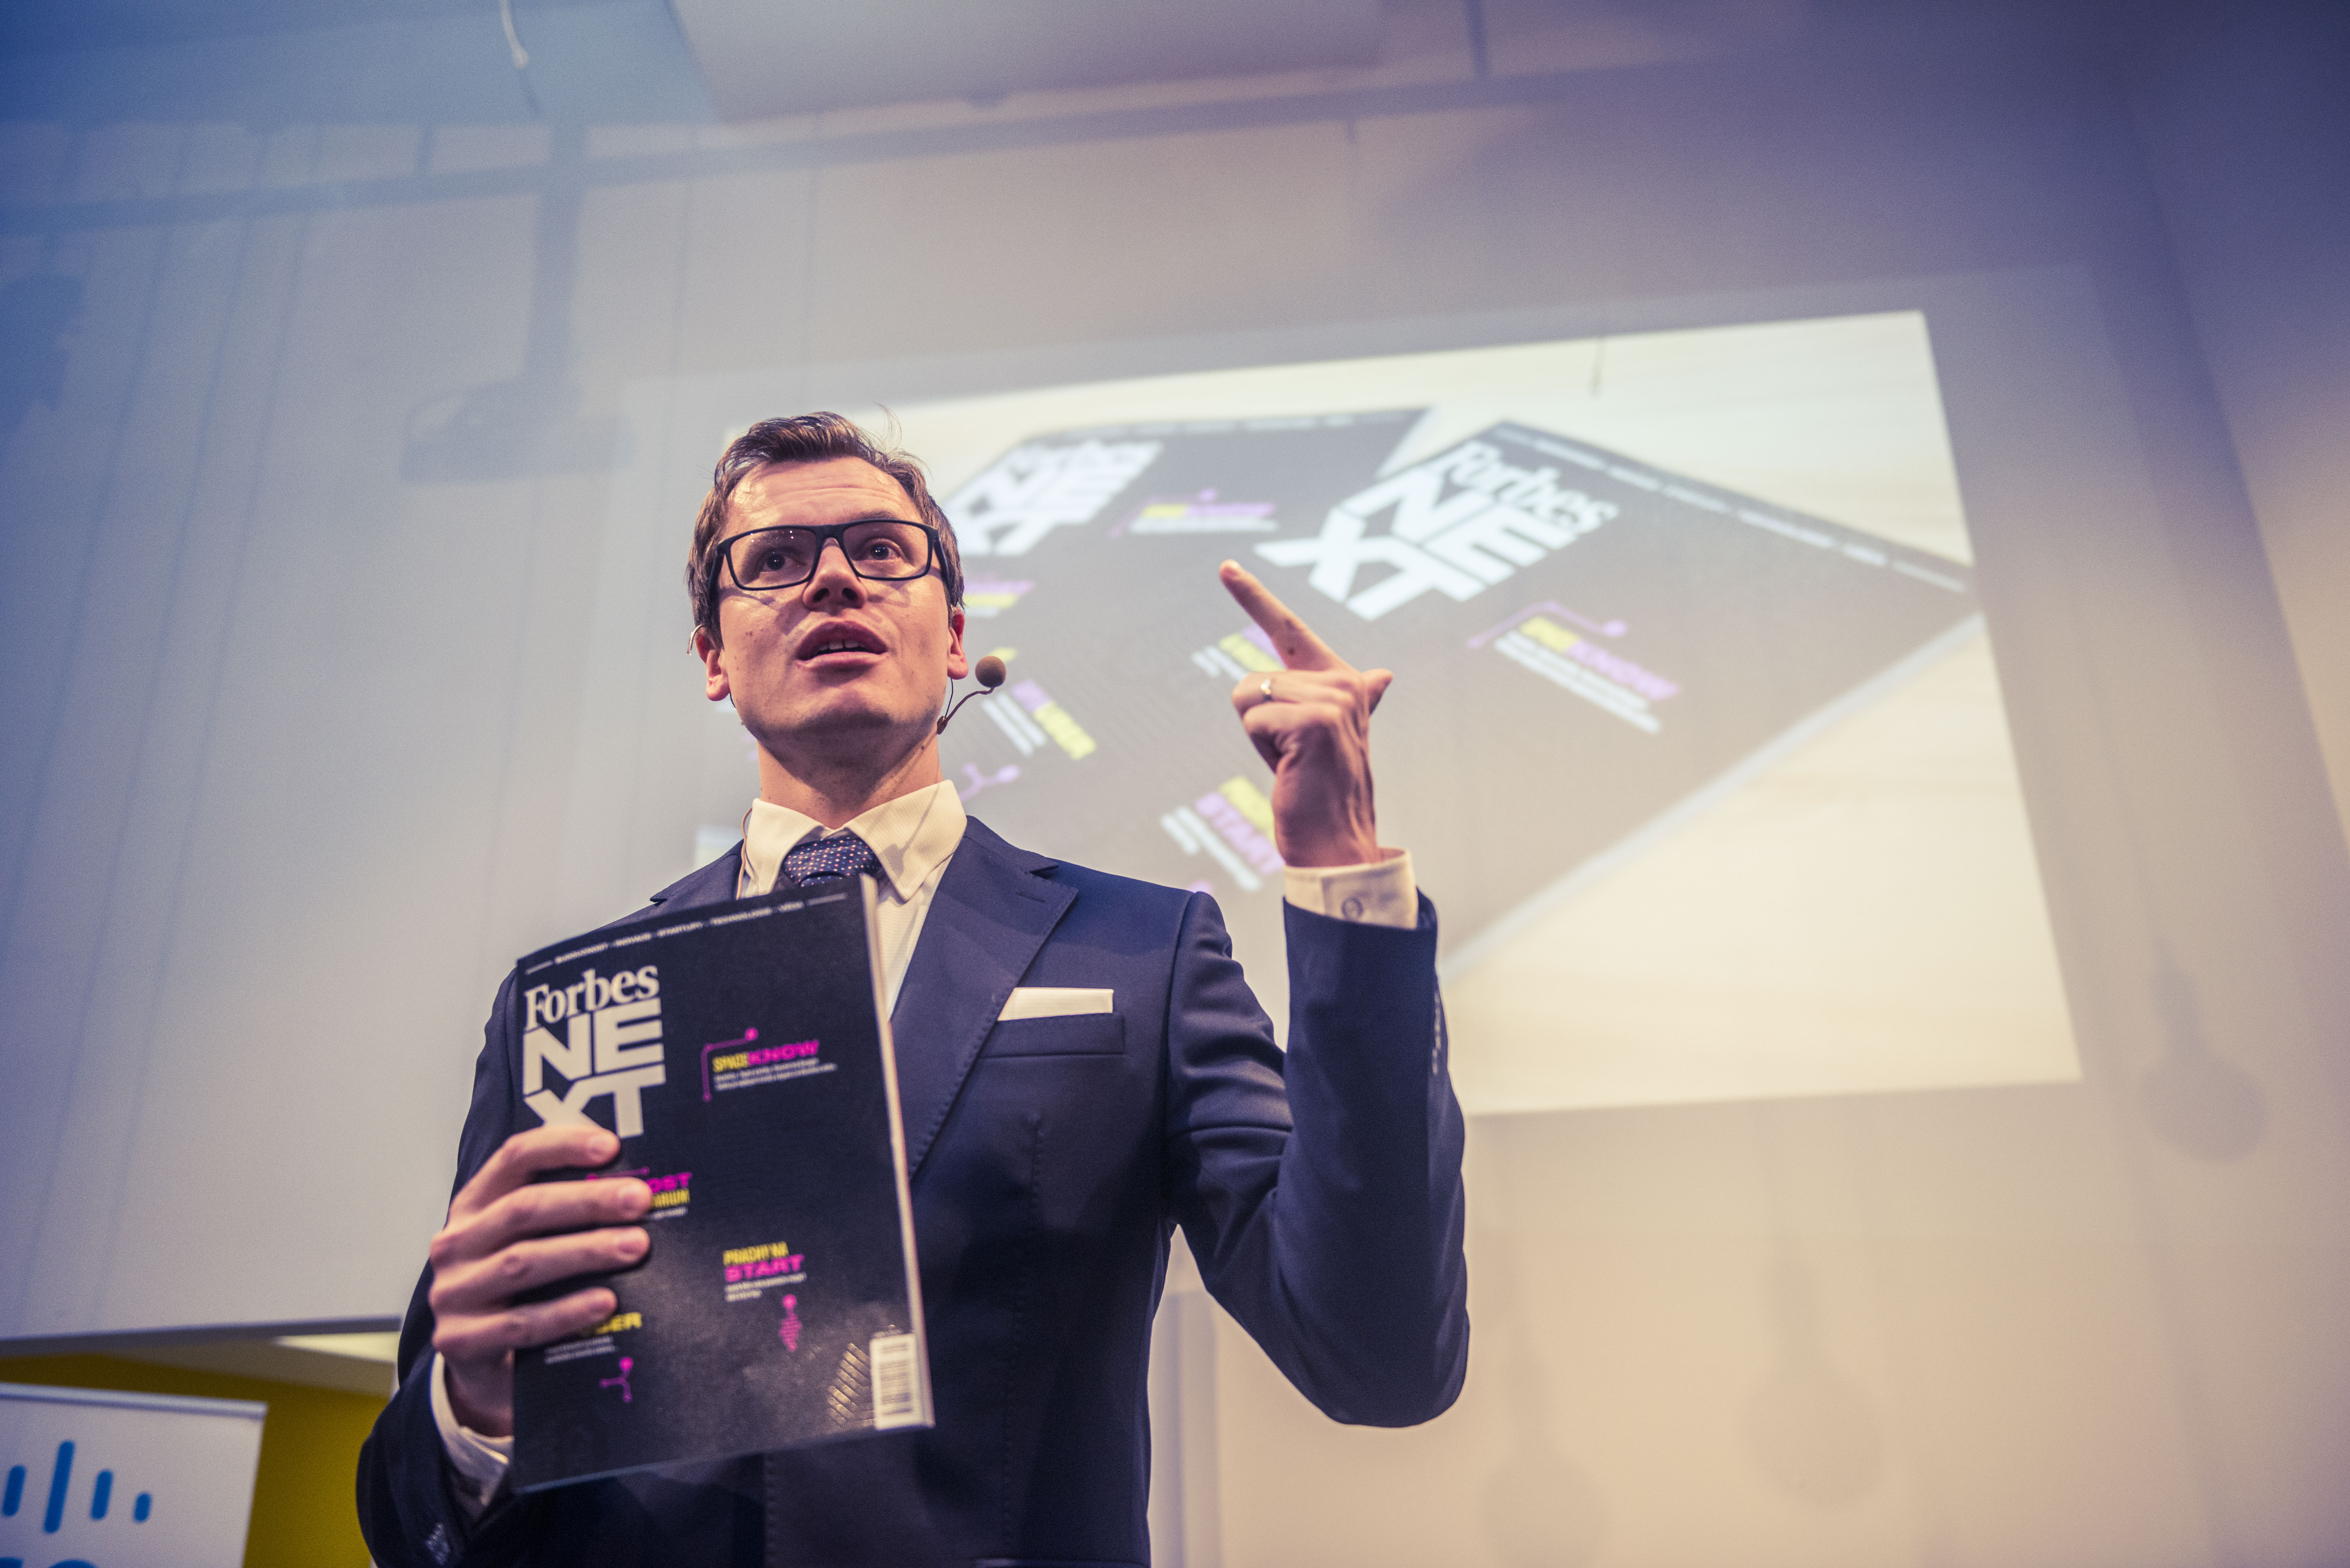 Redaktor Forbesu Michael Mareš při představení nového čísla čtvrtletníku Forbes NEXT